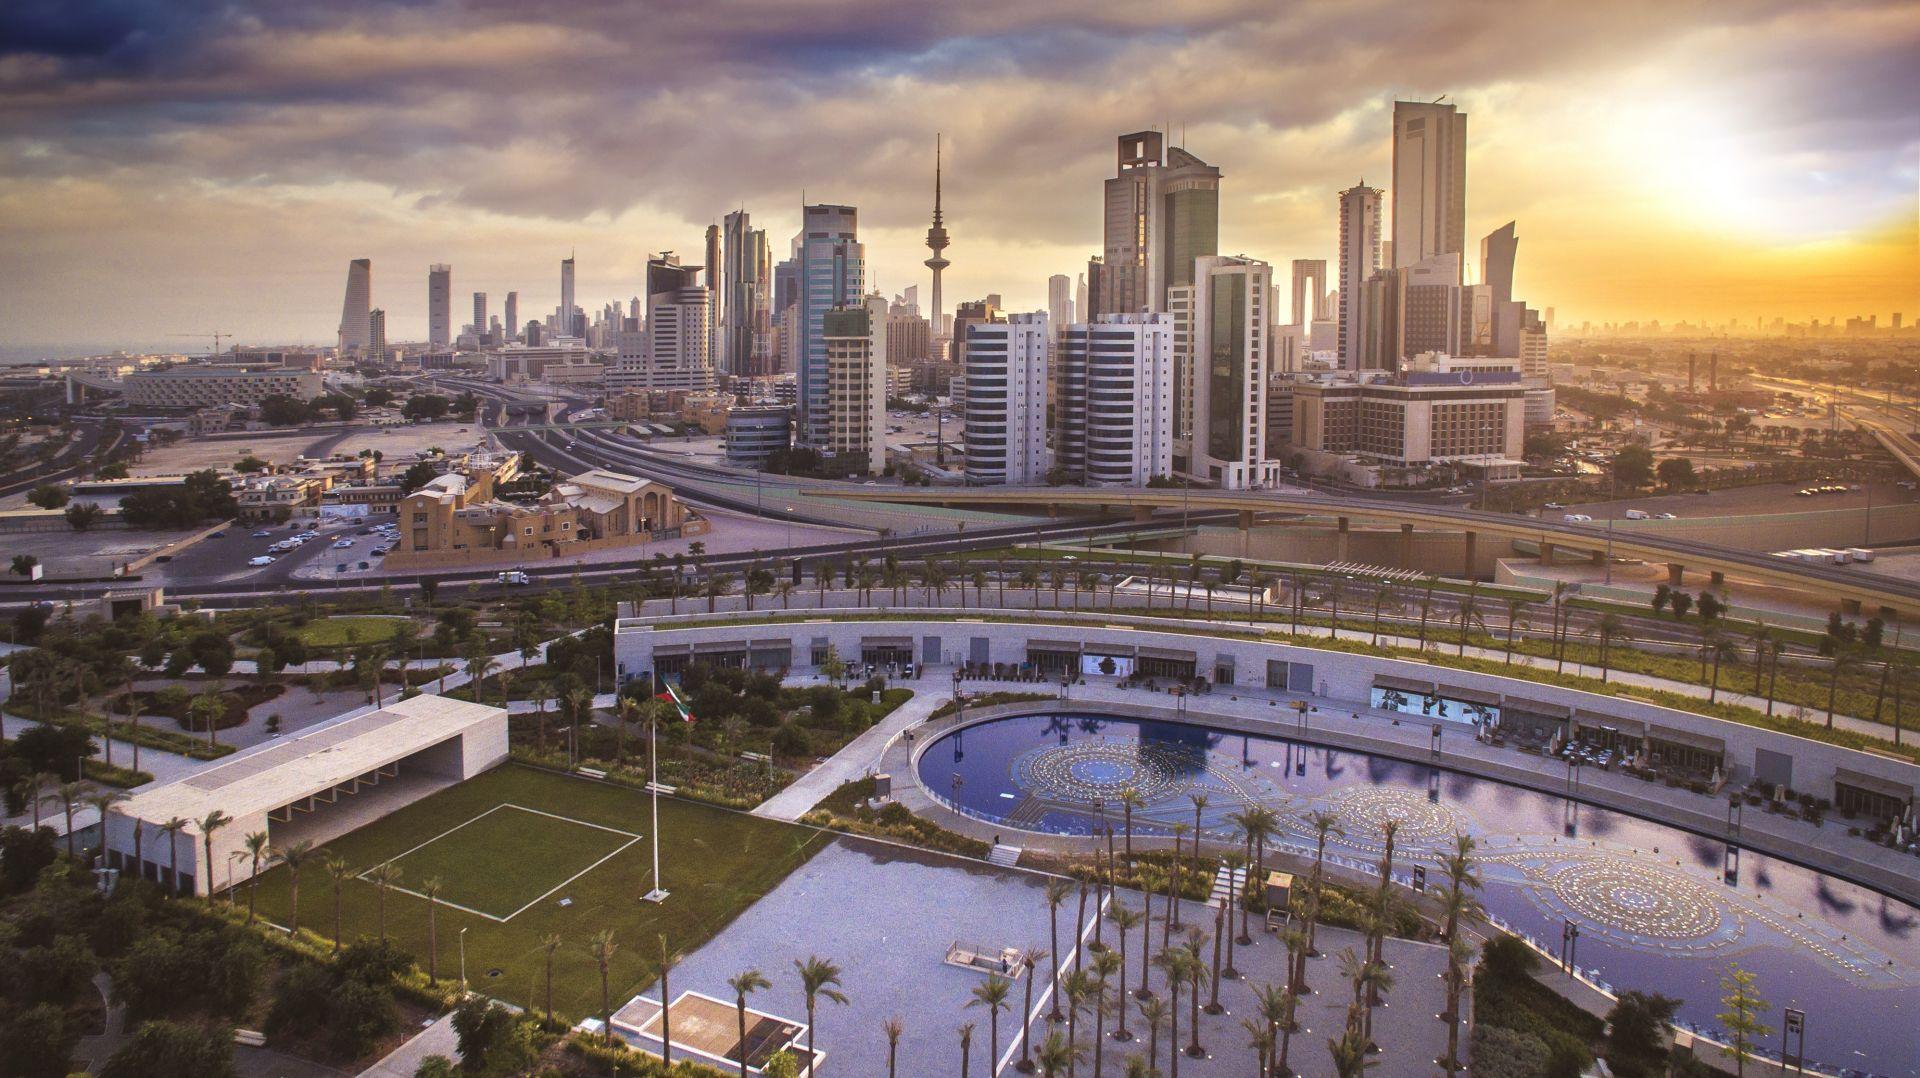 9. Кувейт е значим производител на петрол и член на ОПЕК притежавайки шестият по големина петролен запас в света